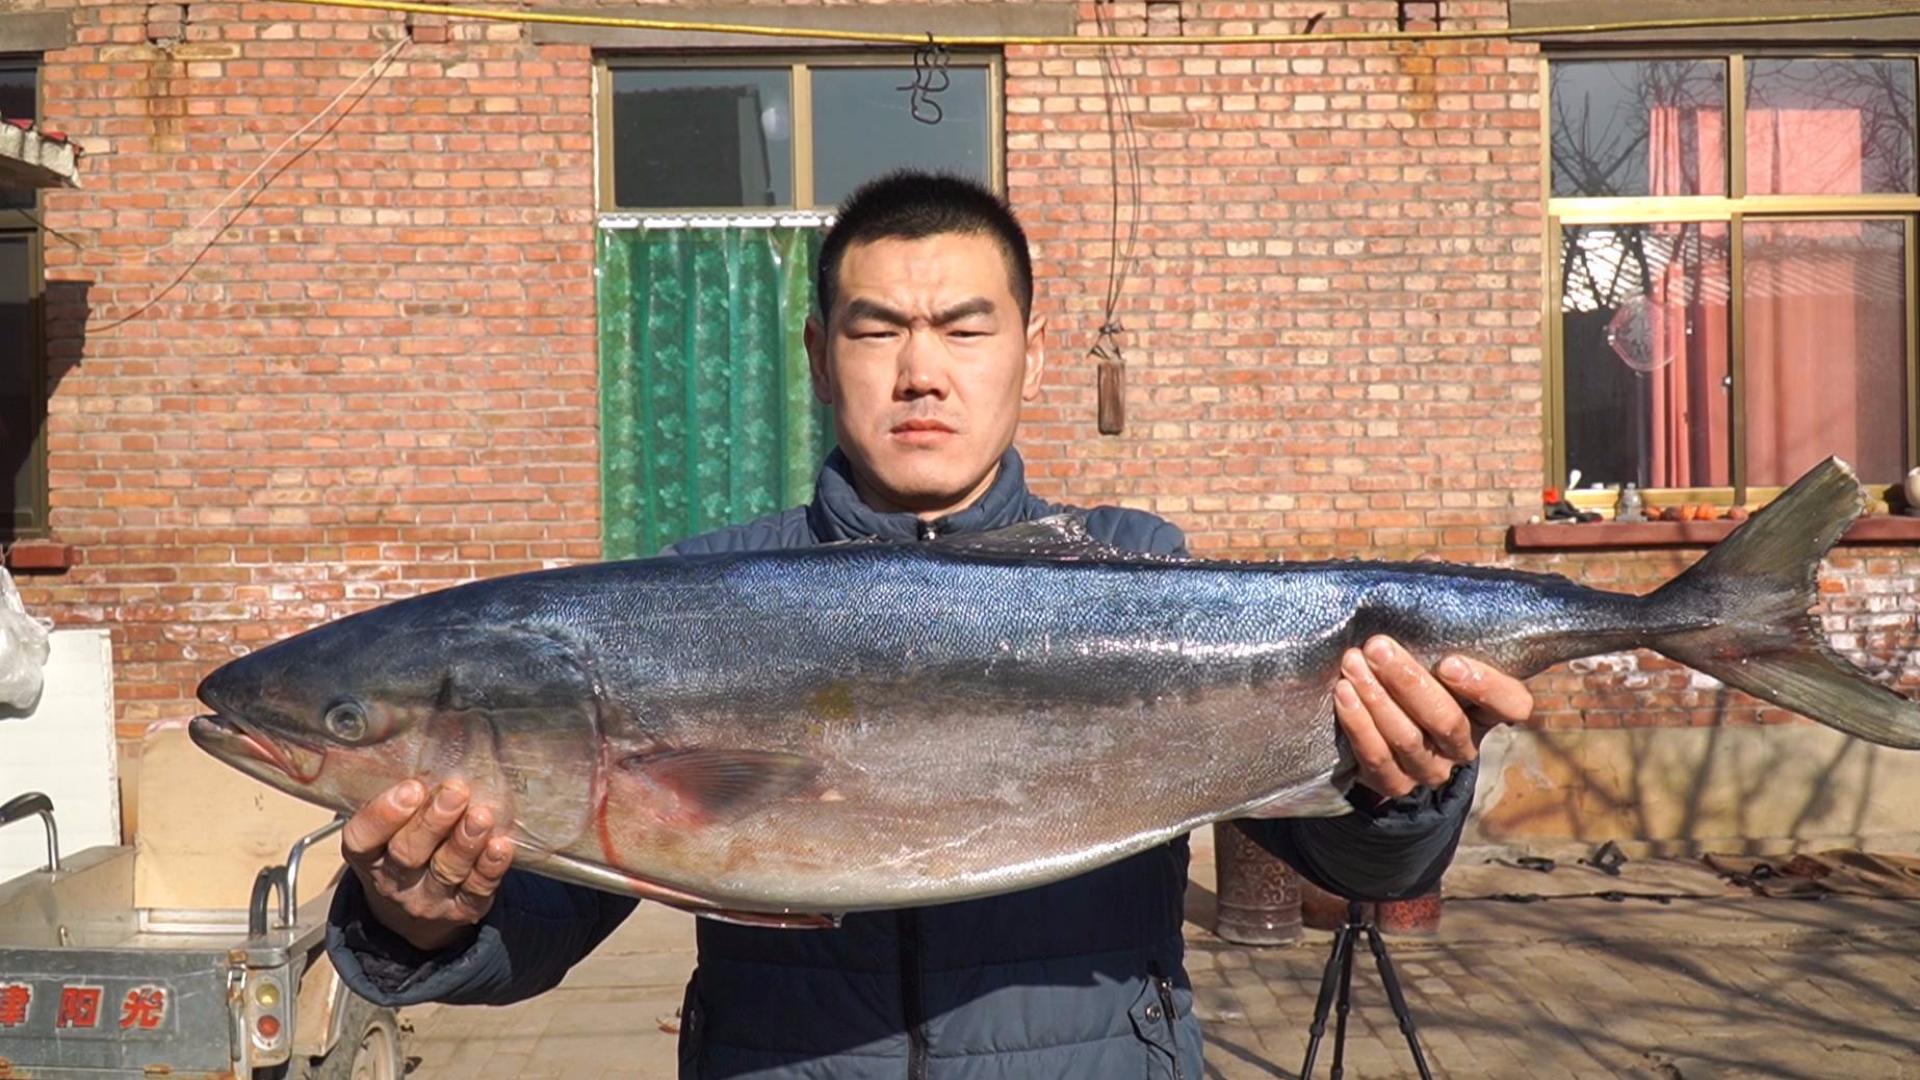 阿远花210块买了条20斤的鲅鱼,茄汁炖2小时,肉厚入味儿,过瘾